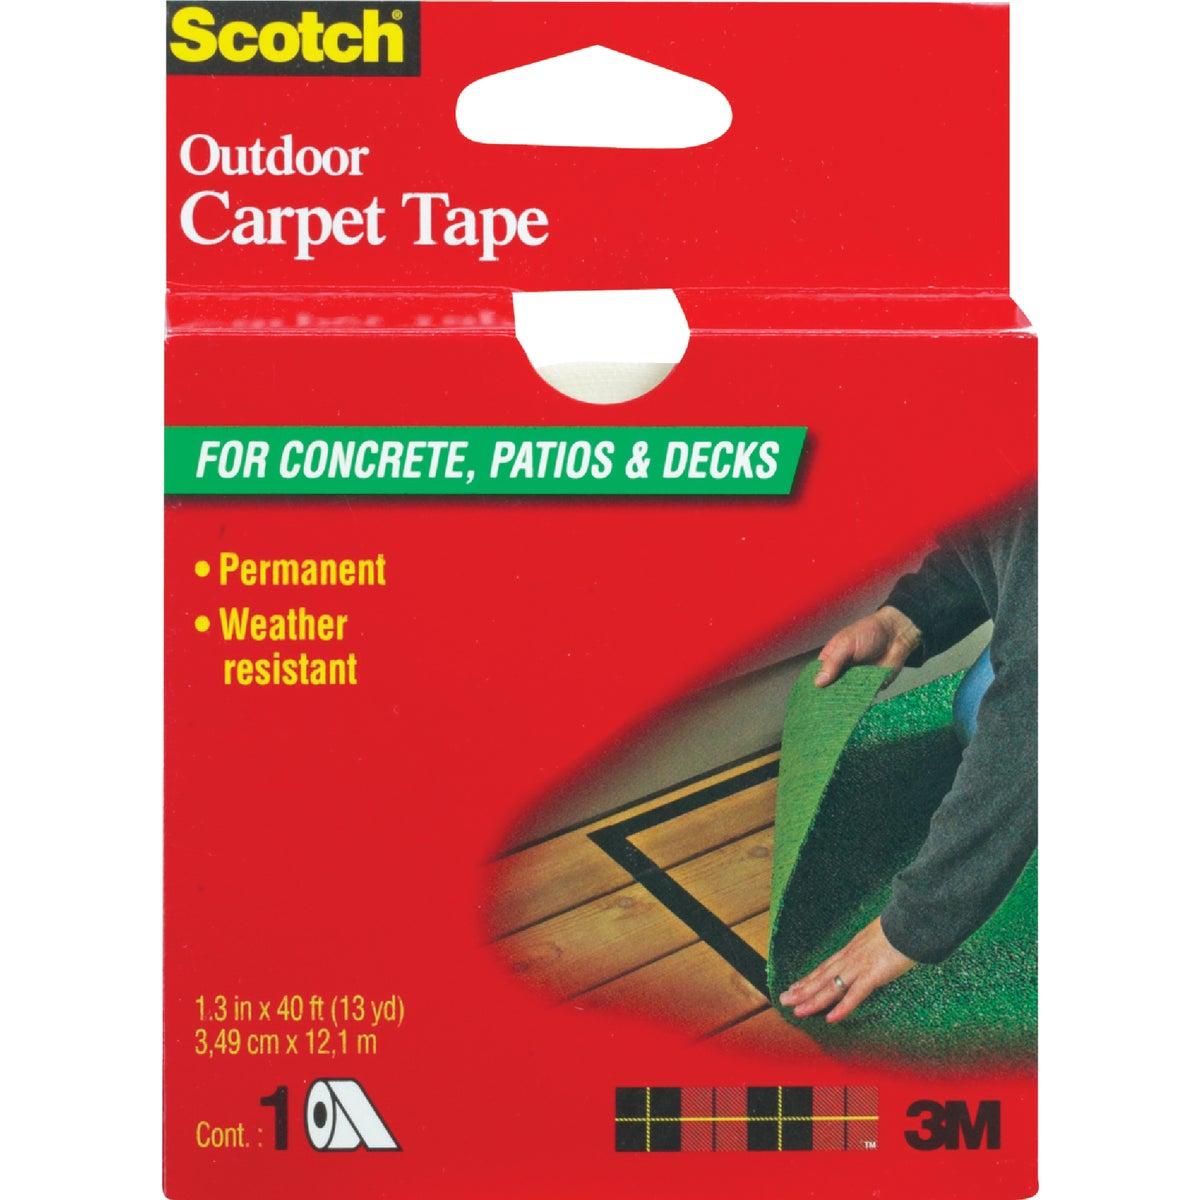 3M Scotch 1-3/8 In. x 40 Ft. Heavy Duty Carpet Tape